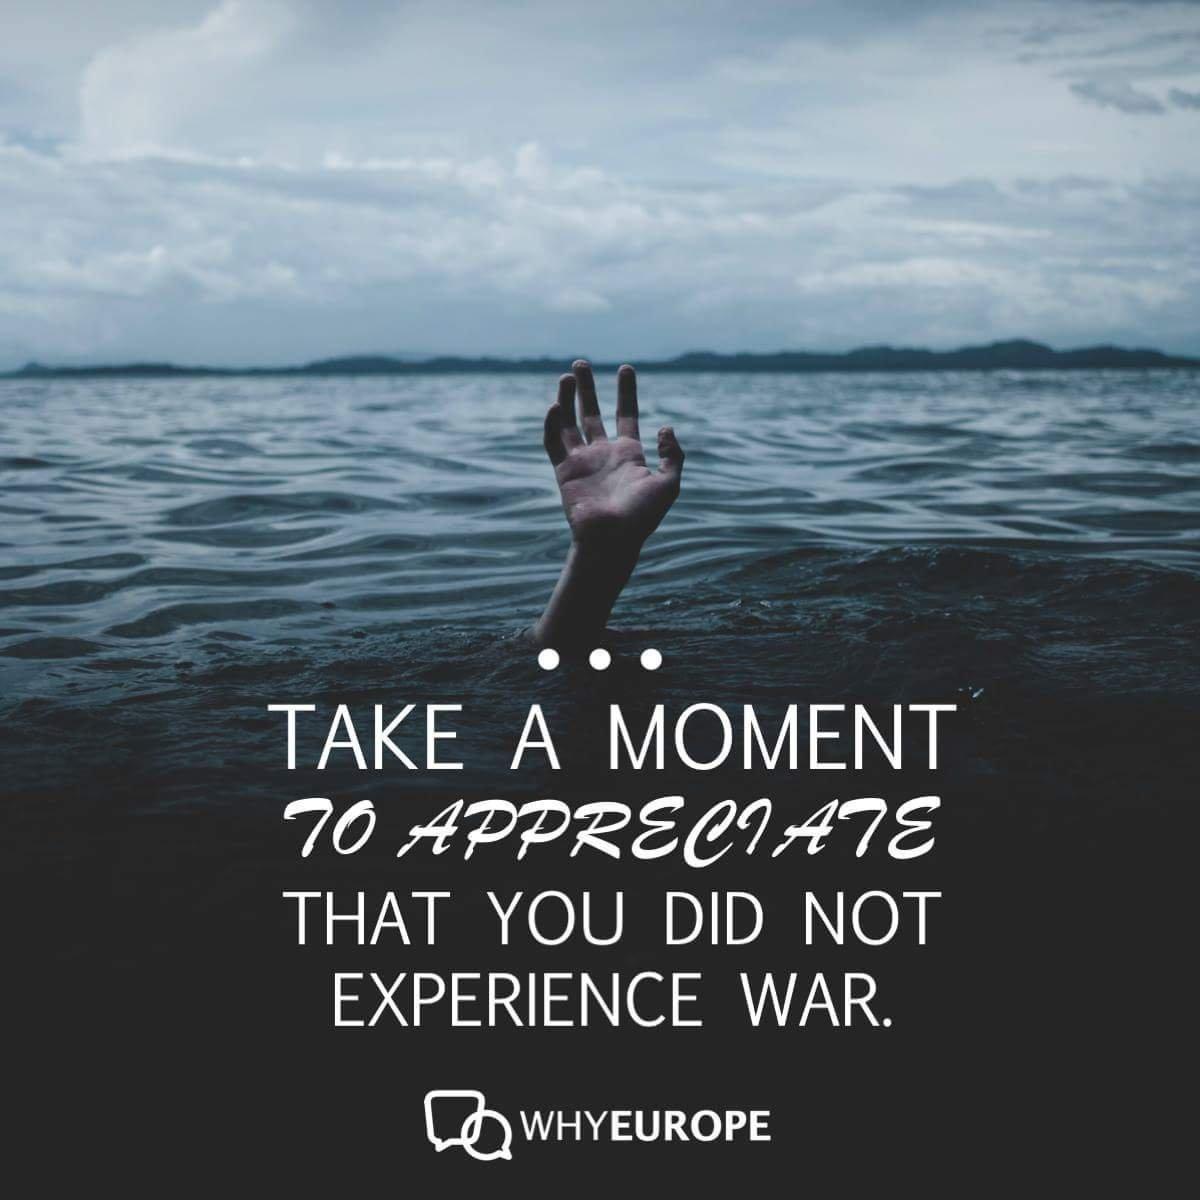 @EmmanuelMacron #europeunited #Aquarius https://t.co/LDEuXSspn5